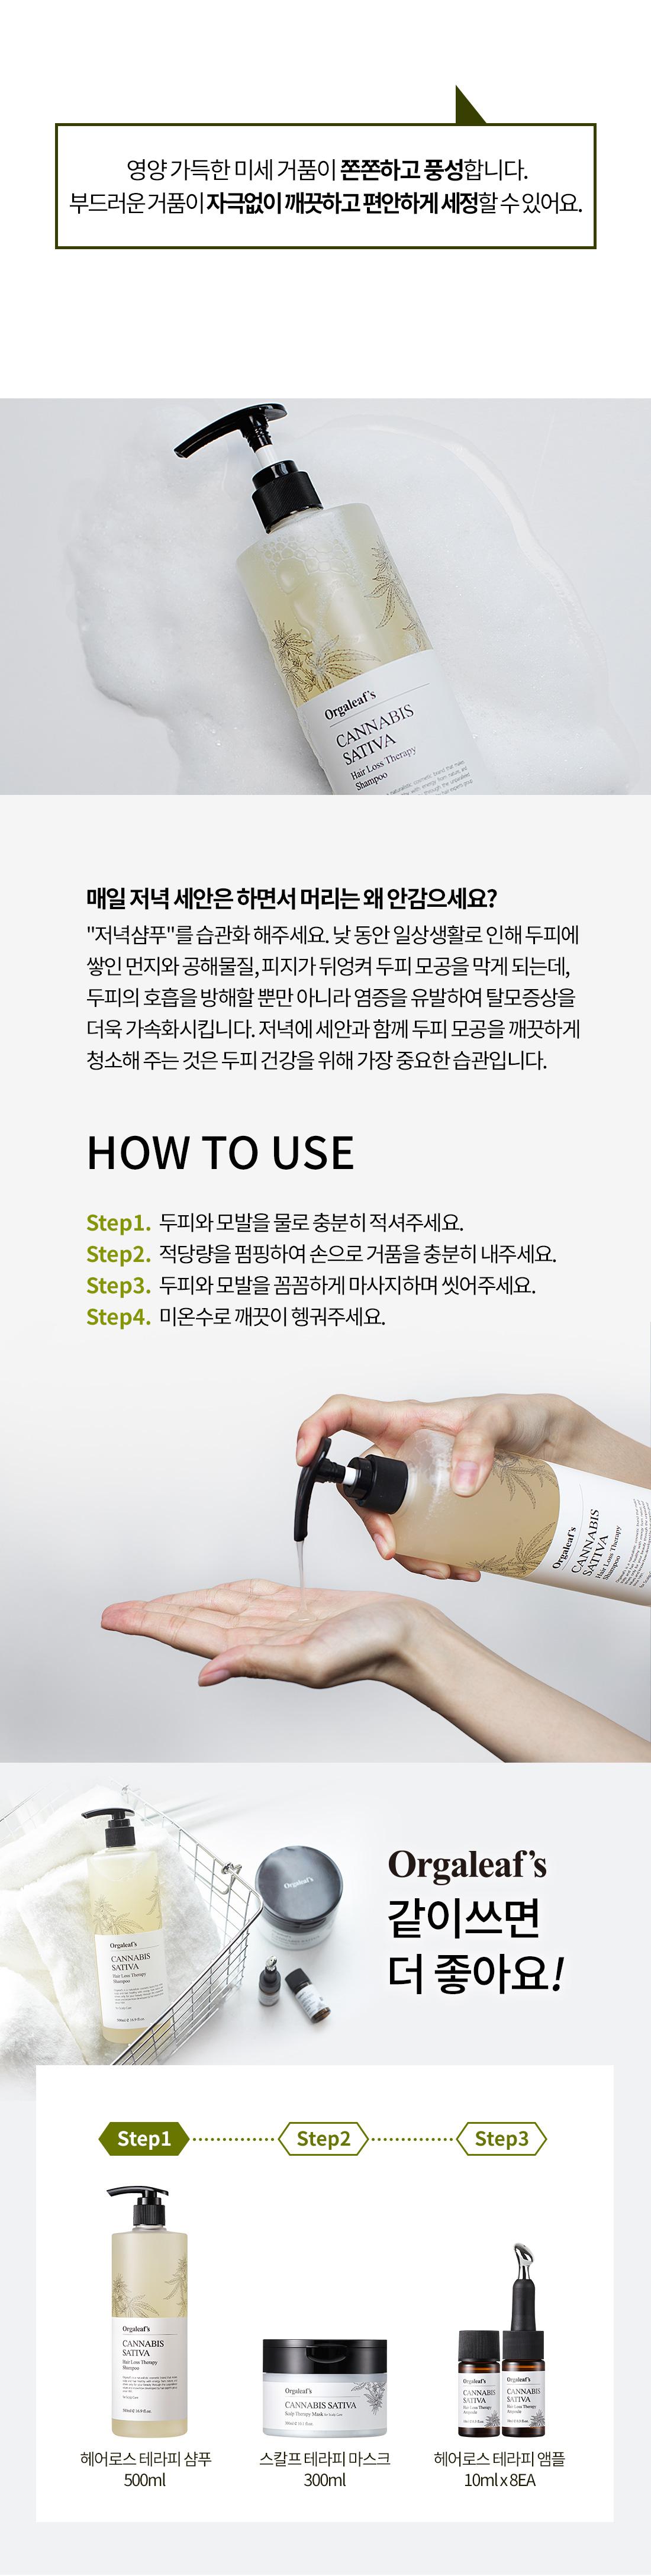 orgaleafs_shampoo_03_02.jpg